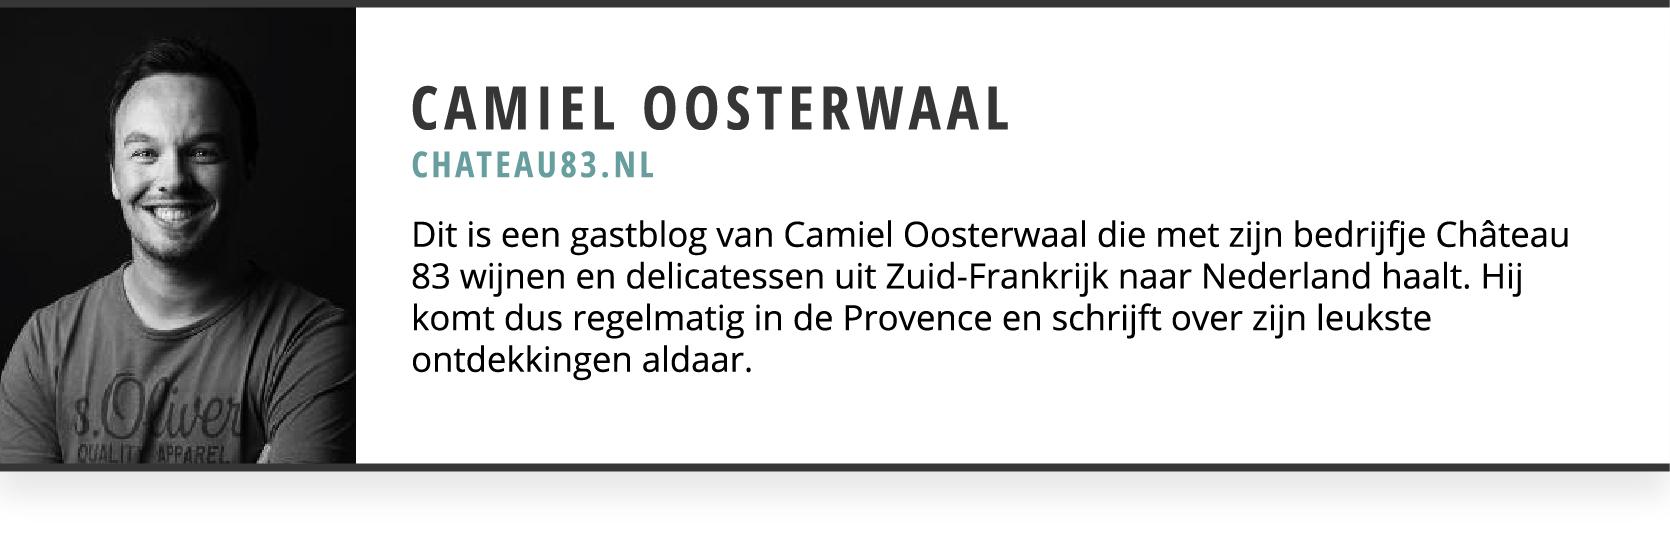 Camiel-Oosterwaal-NL.jpg